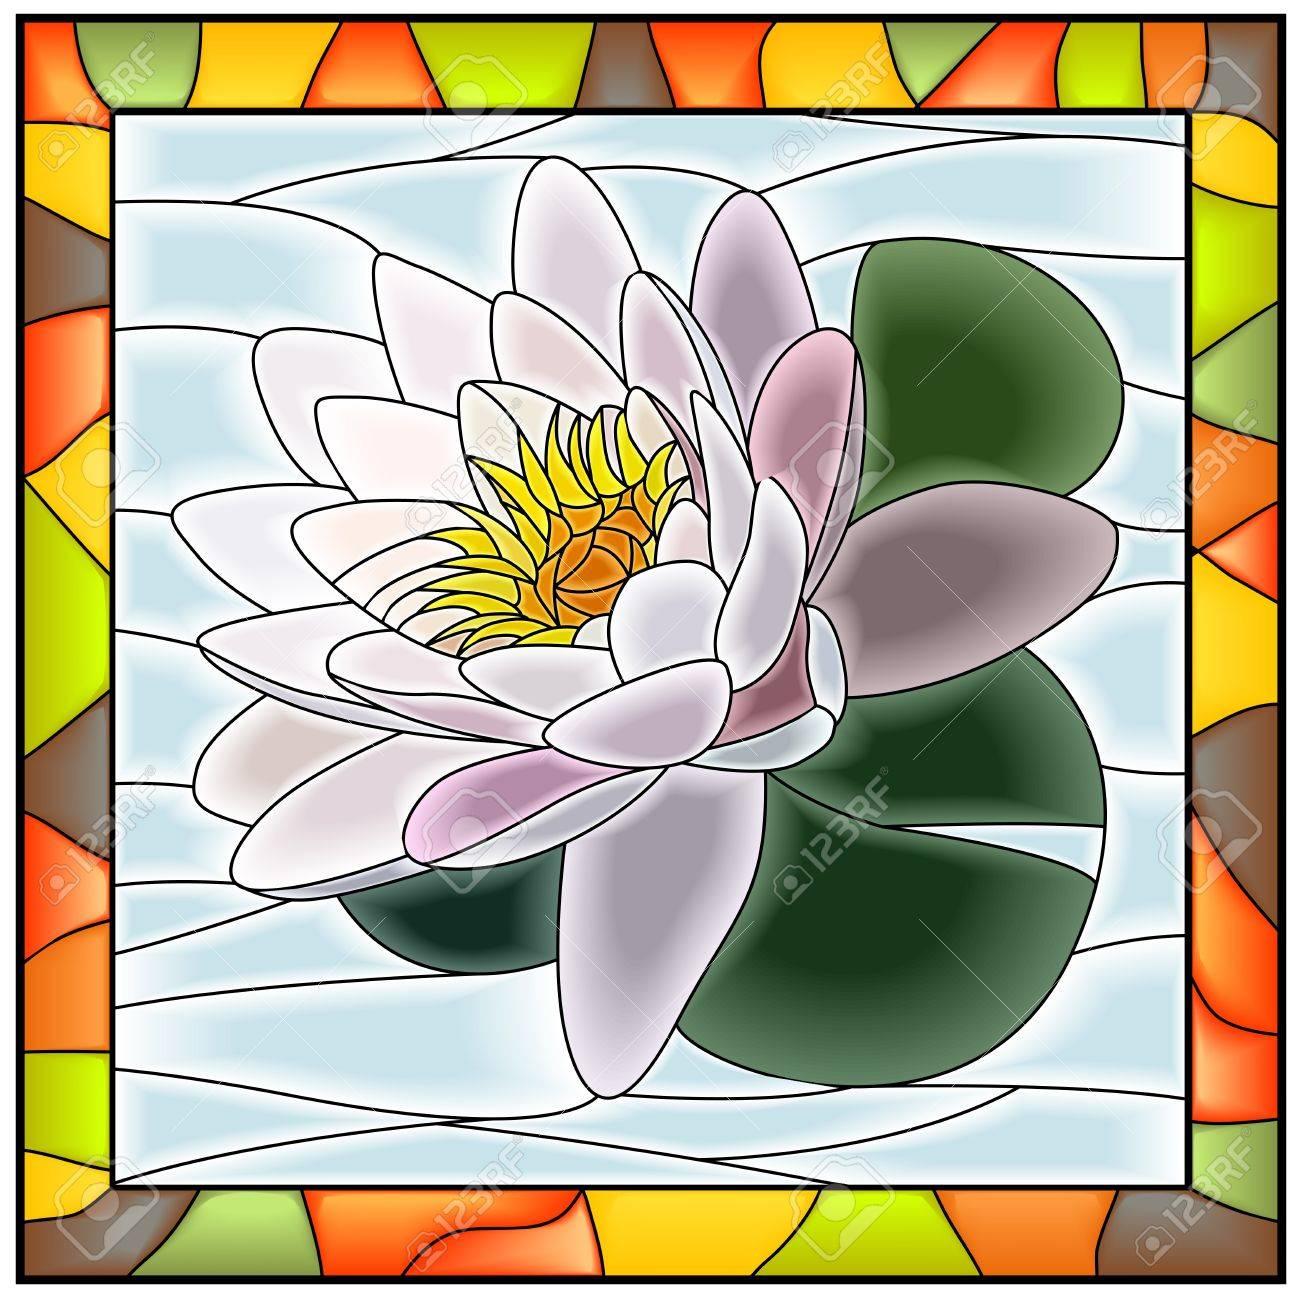 Ilustración Vectorial De La Flor Del Lirio Blanco De Agua Ventana ...